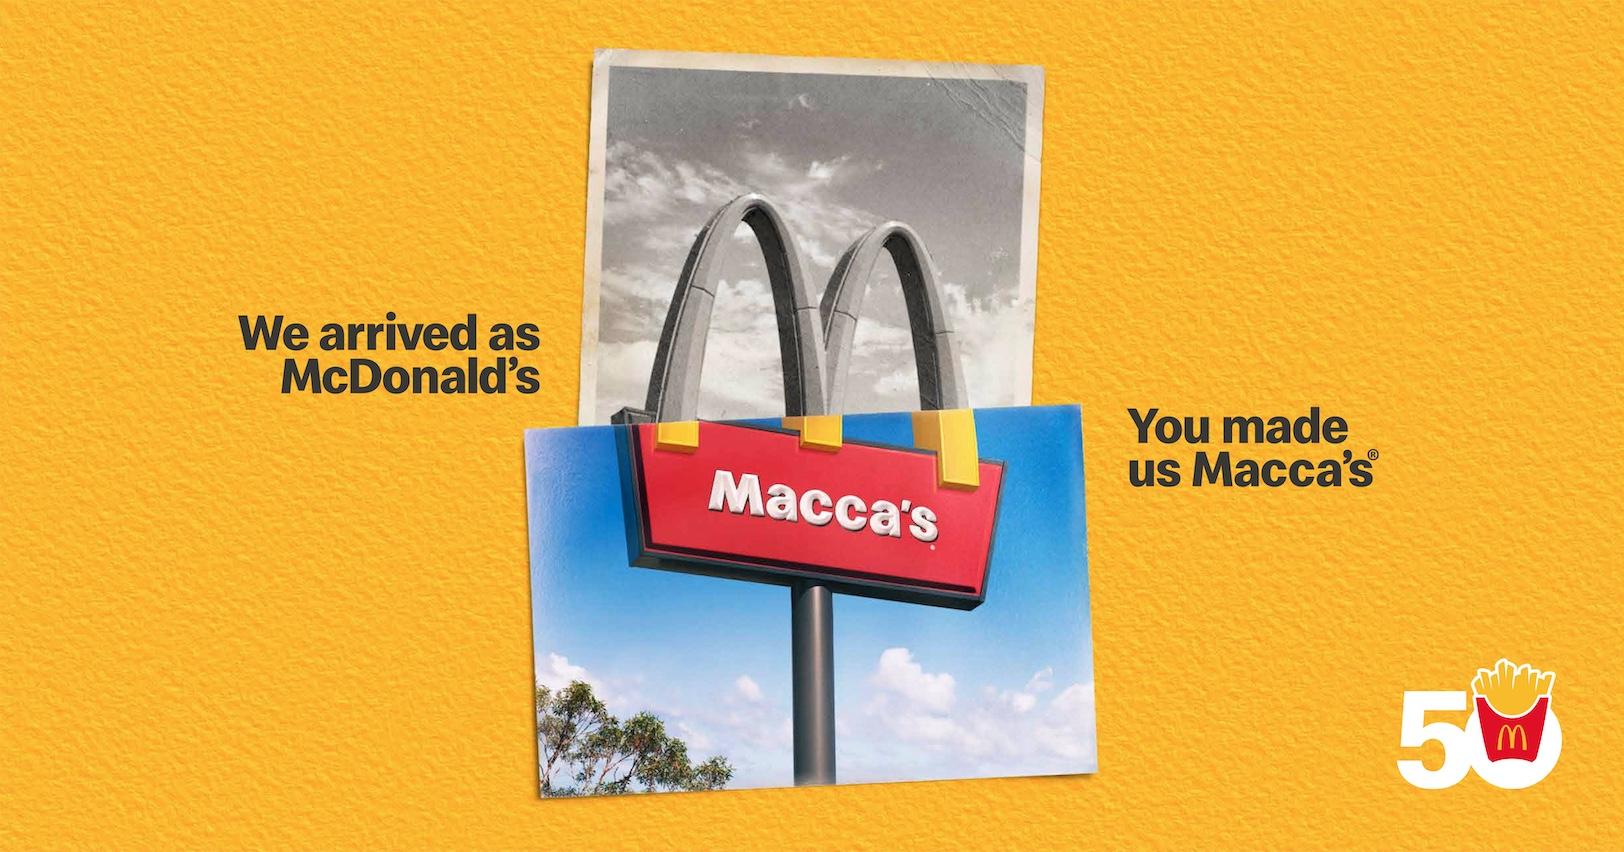 Macca's celebrates unique traditions in new 50th Australian Birthday campaign via DDB Sydney